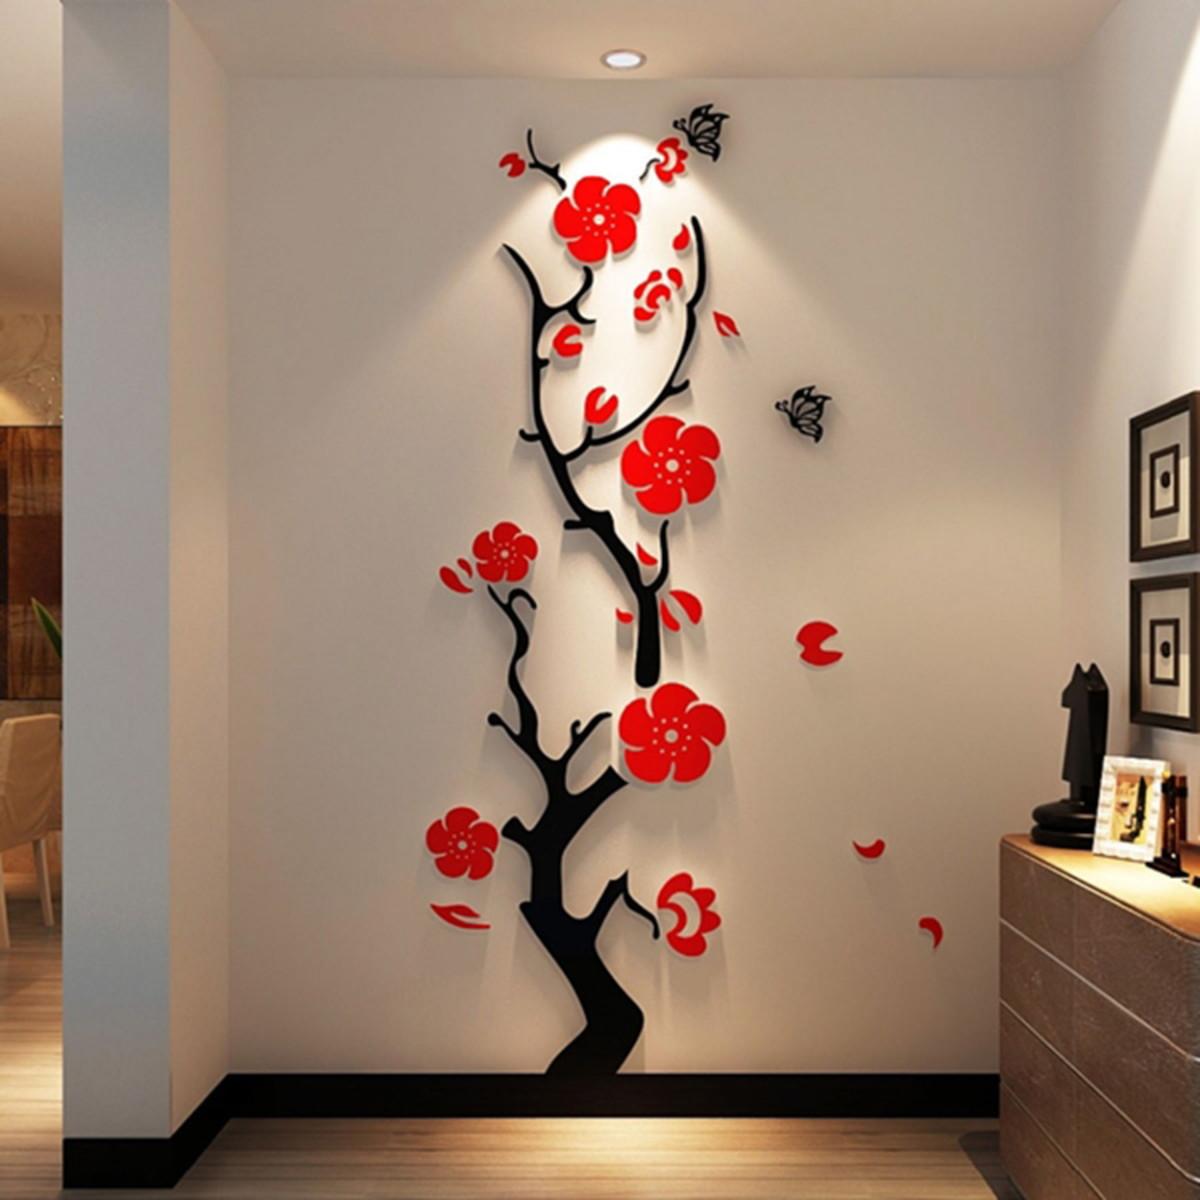 Adesivo De Parede 3d Alto Relevo árvore E Flores No Elo7 Doce